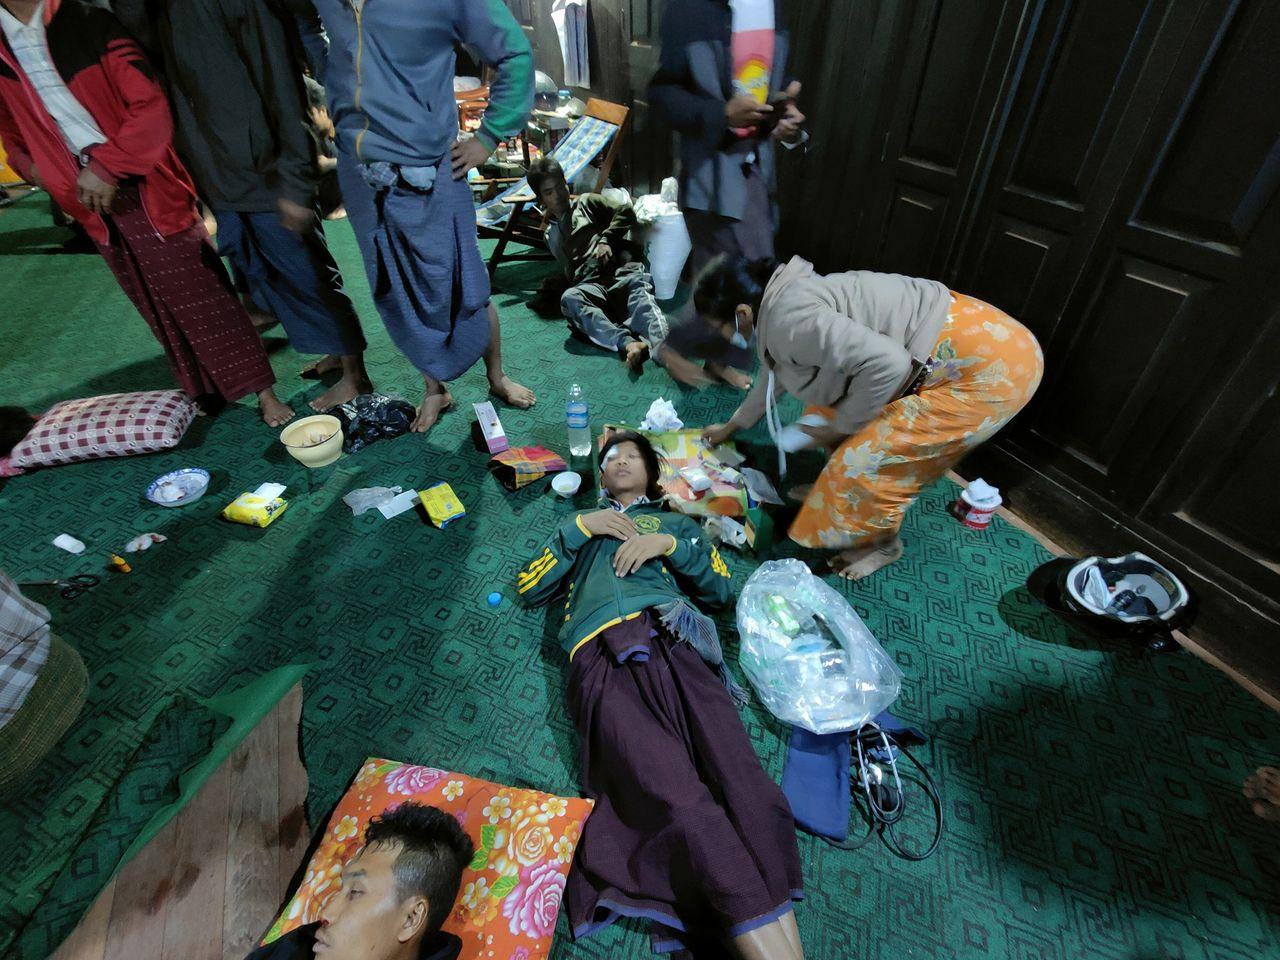 ထီးလင်းတွင် ဖမ်းဆီးခံရသူလွတ်မြောက်ရေး တောင်းဆိုသူများကို ဖြိုခွဲရာ ၁ ဦးသေ၊ ၇ ဦးဒဏ်ရာရ